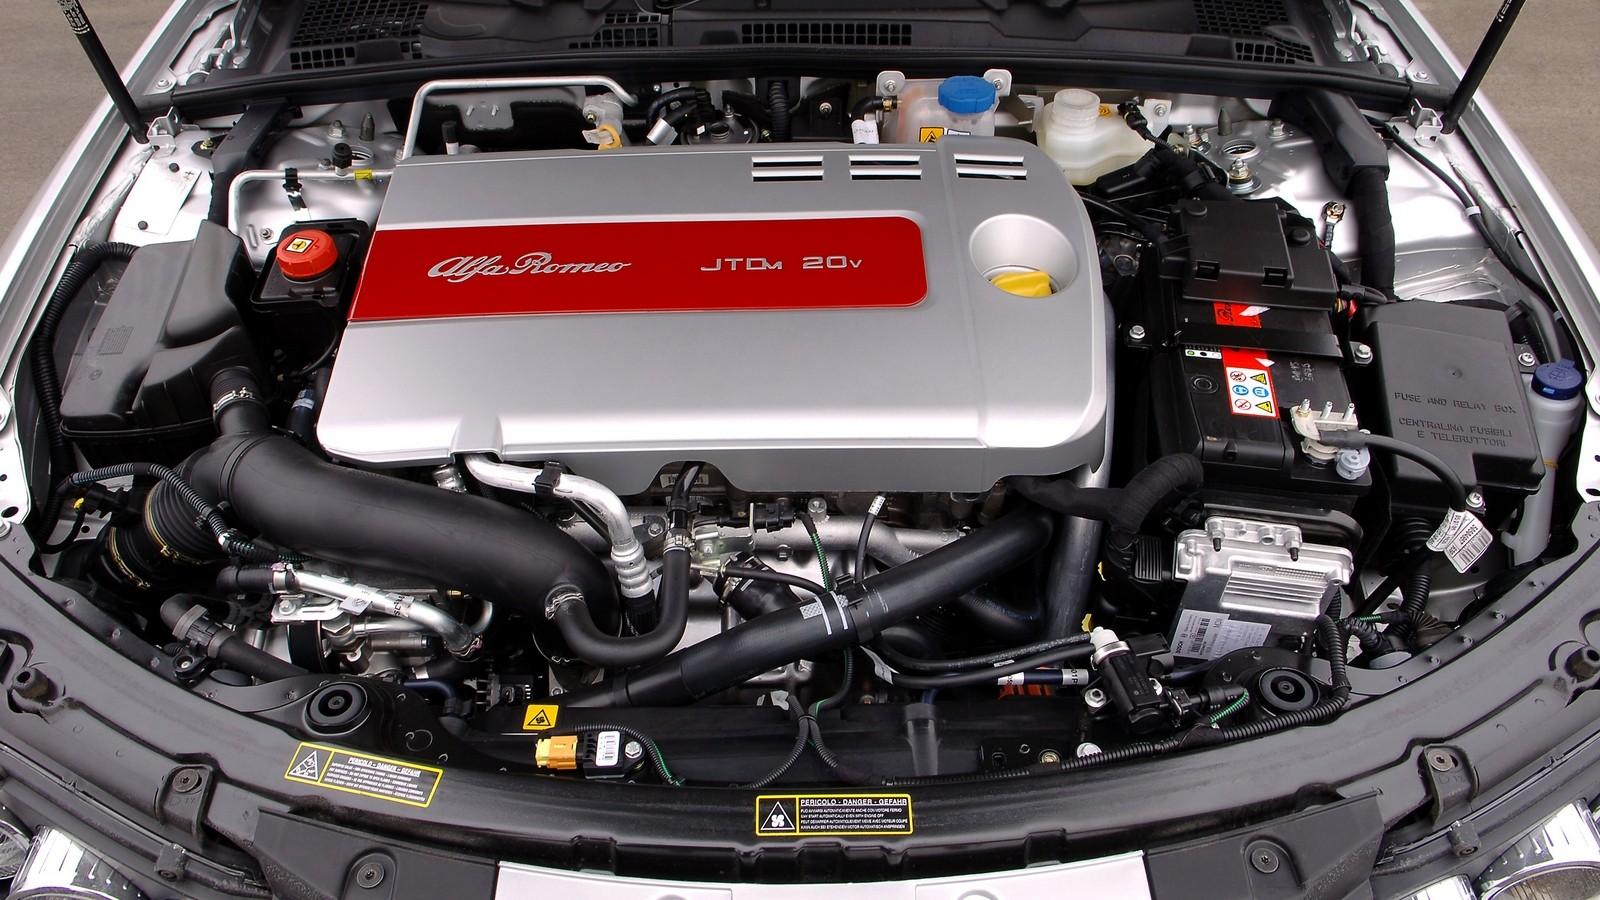 Картинки по запросу alfa romeo 159 двигатели